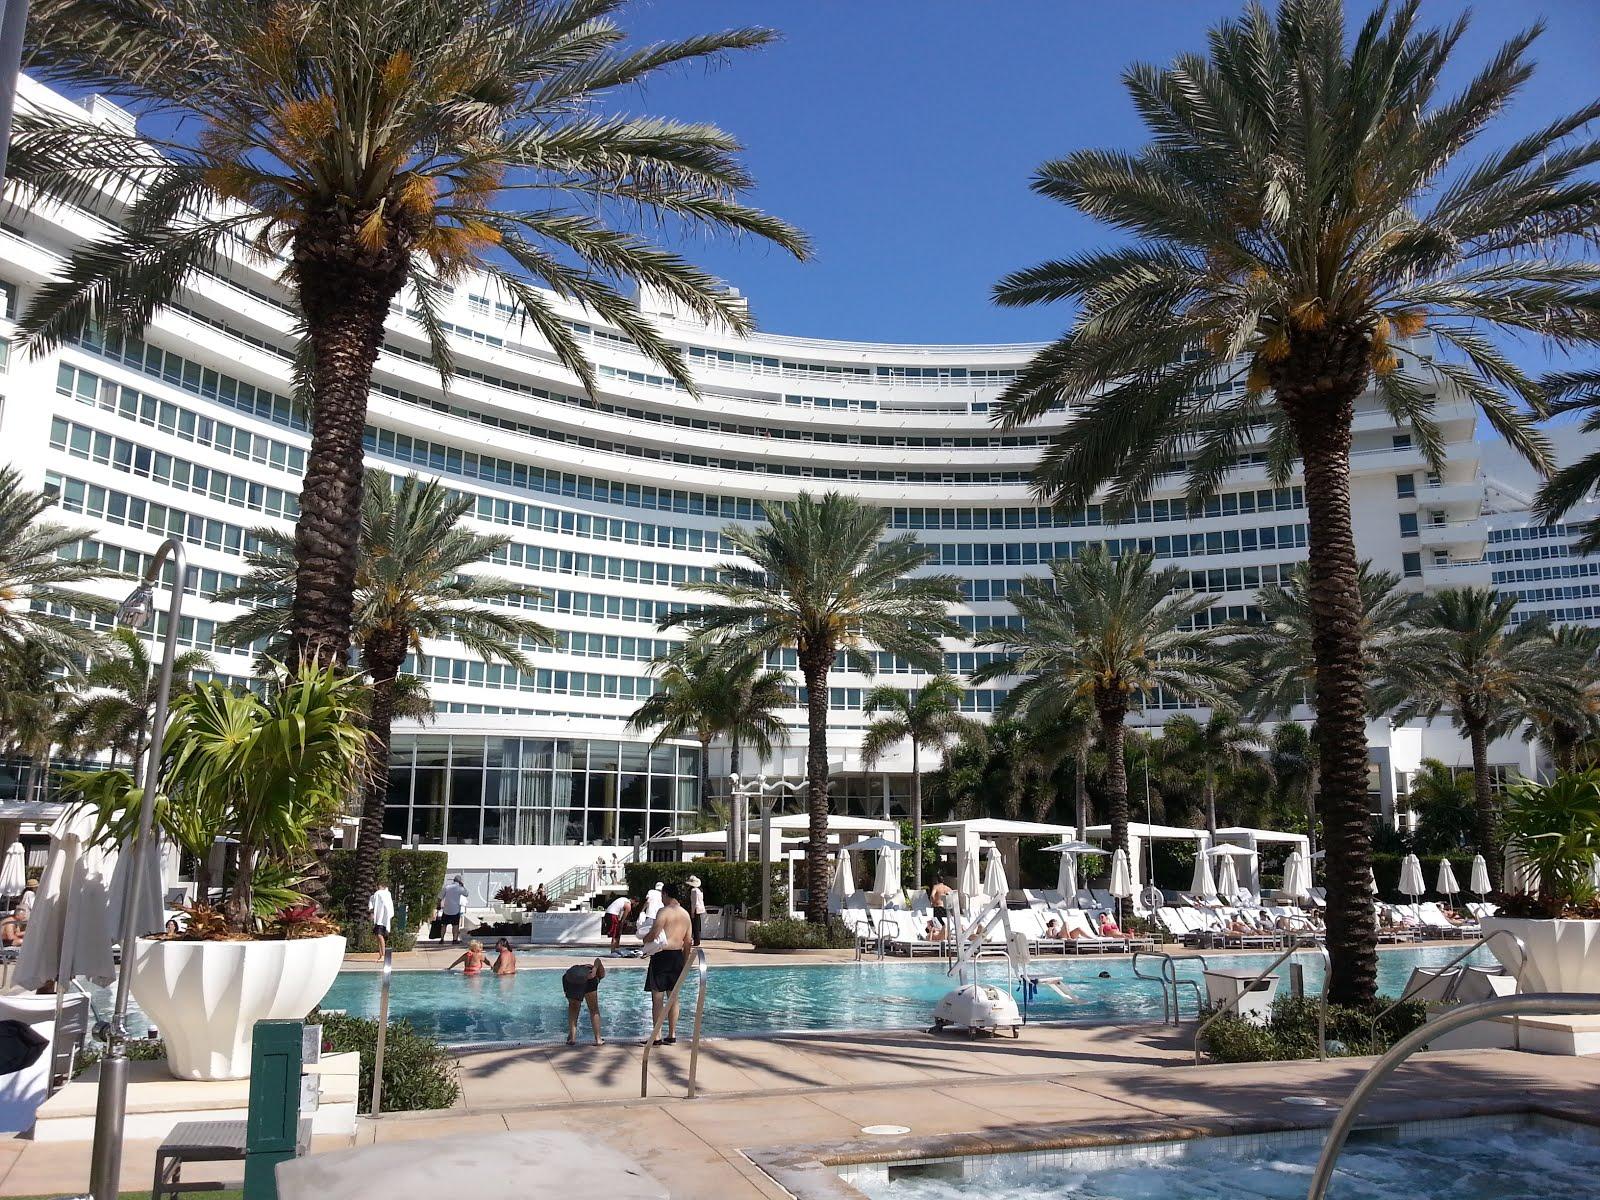 Voyage dans le sud de la floride carnet pratique le - Hotel fontainebleau piscine ...